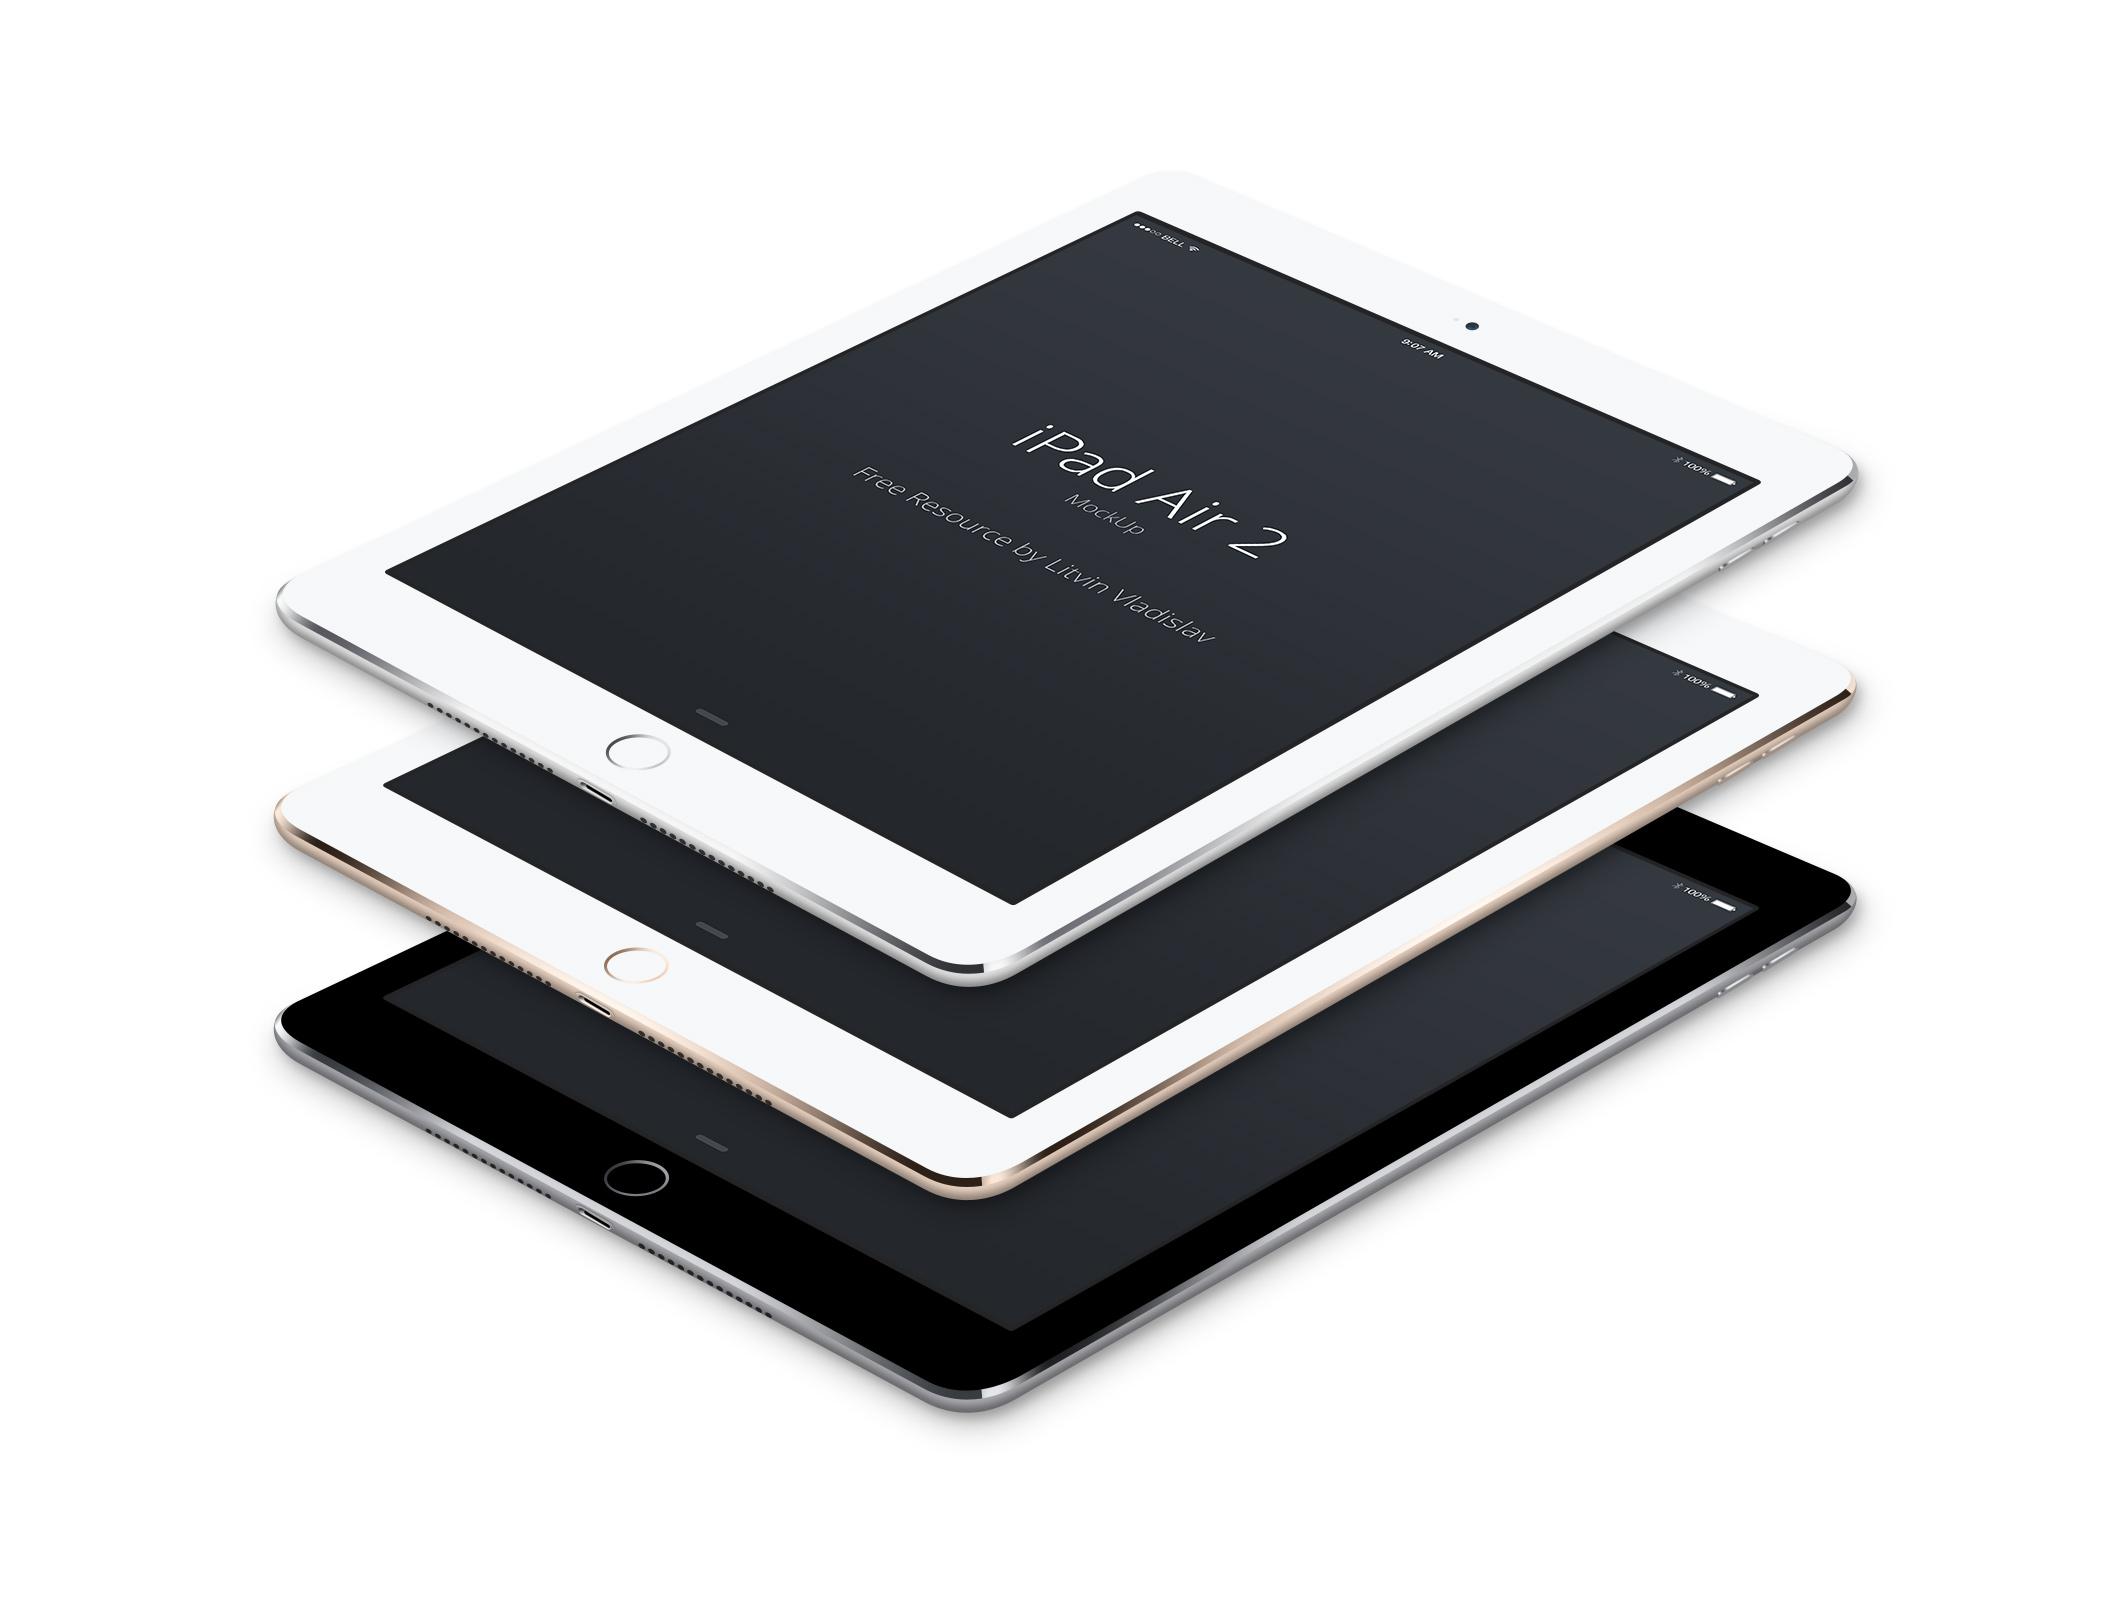 iPad Mockup Air Perspective